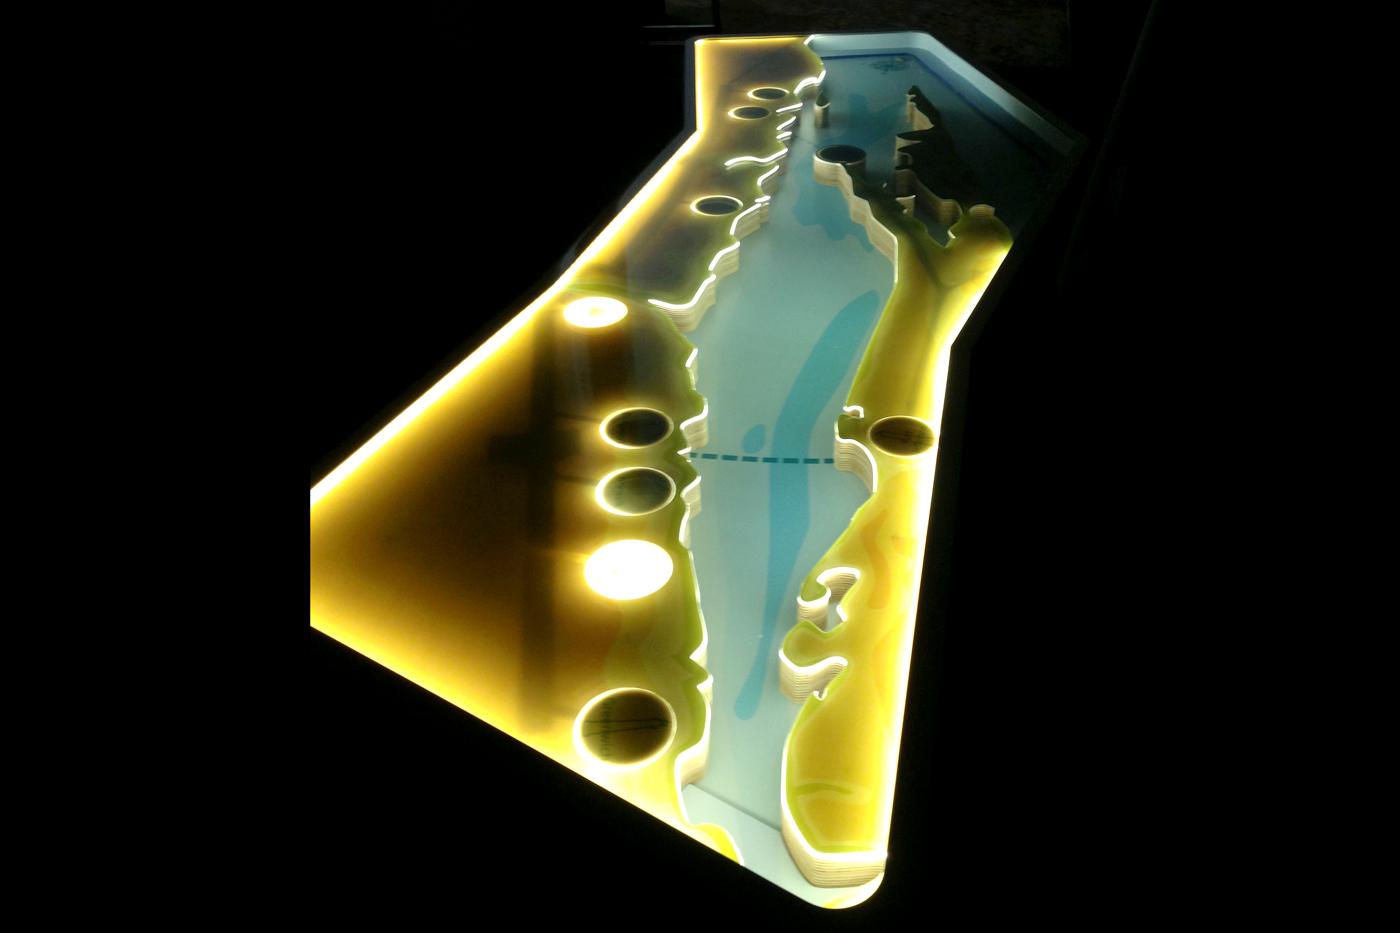 Illuminated table